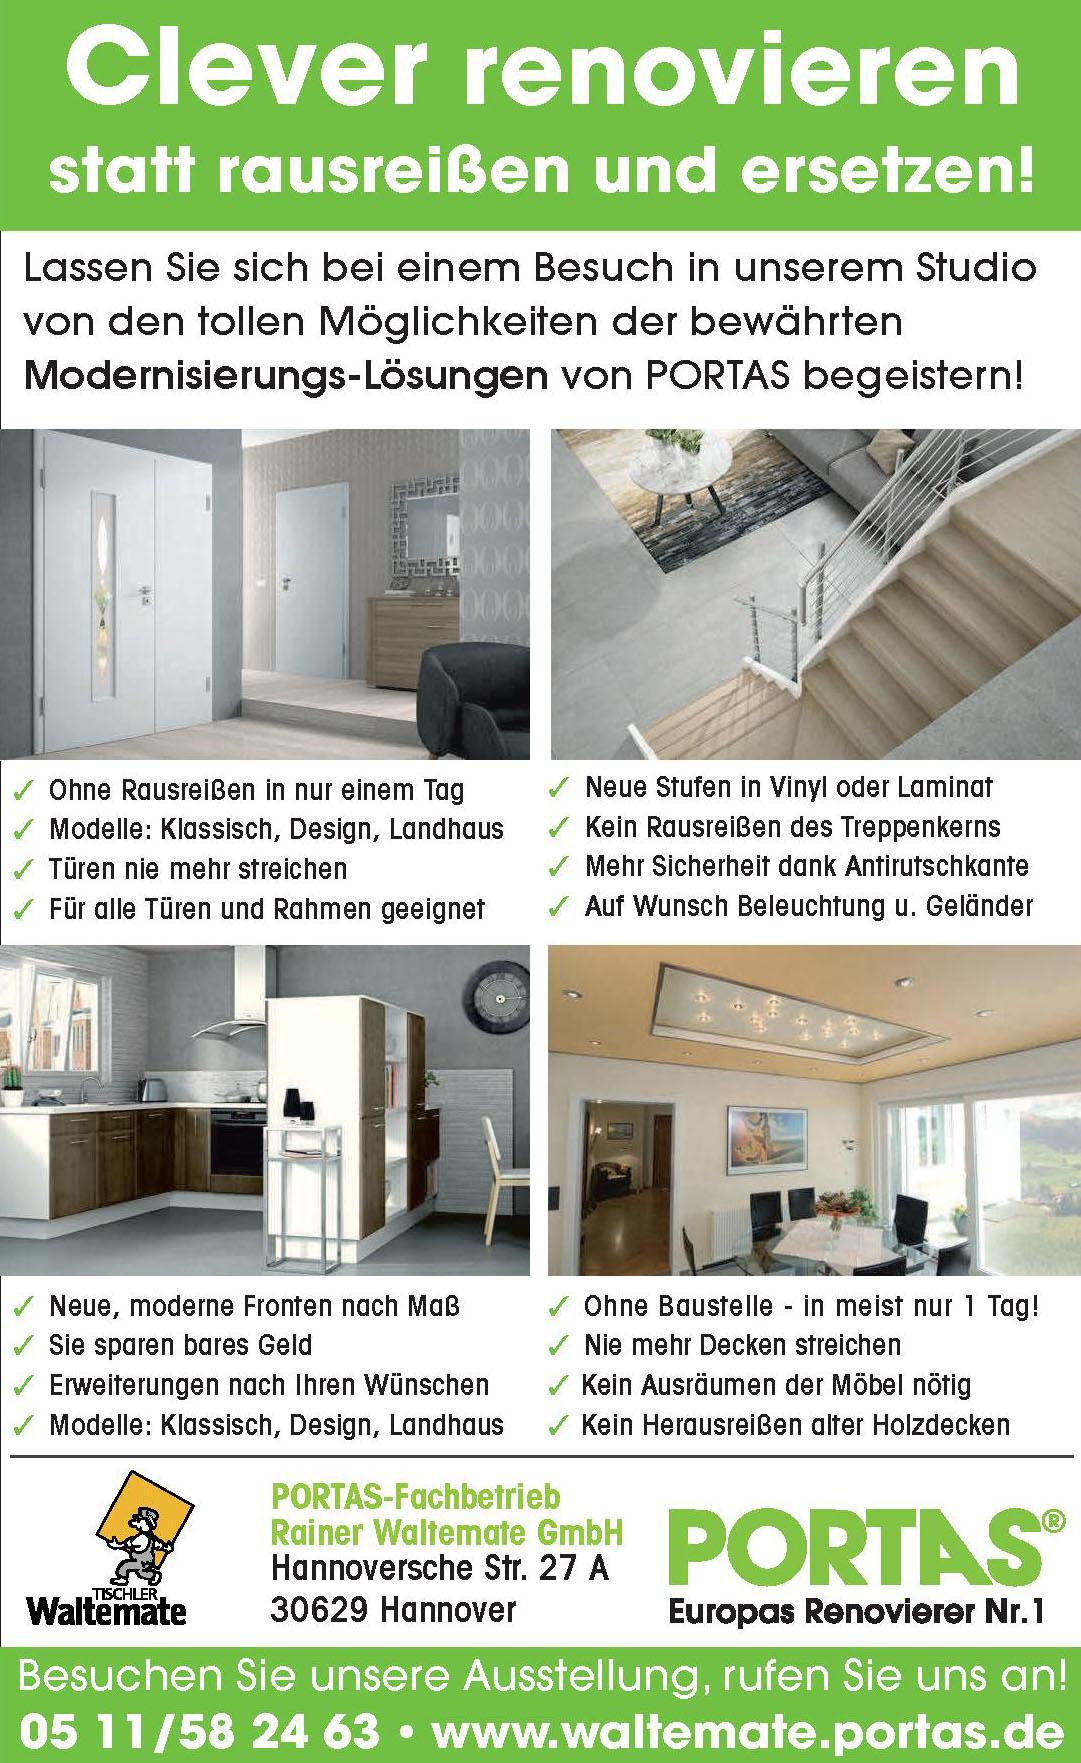 PORTAS-Fachbetrieb Rainer Waltemate GmbH